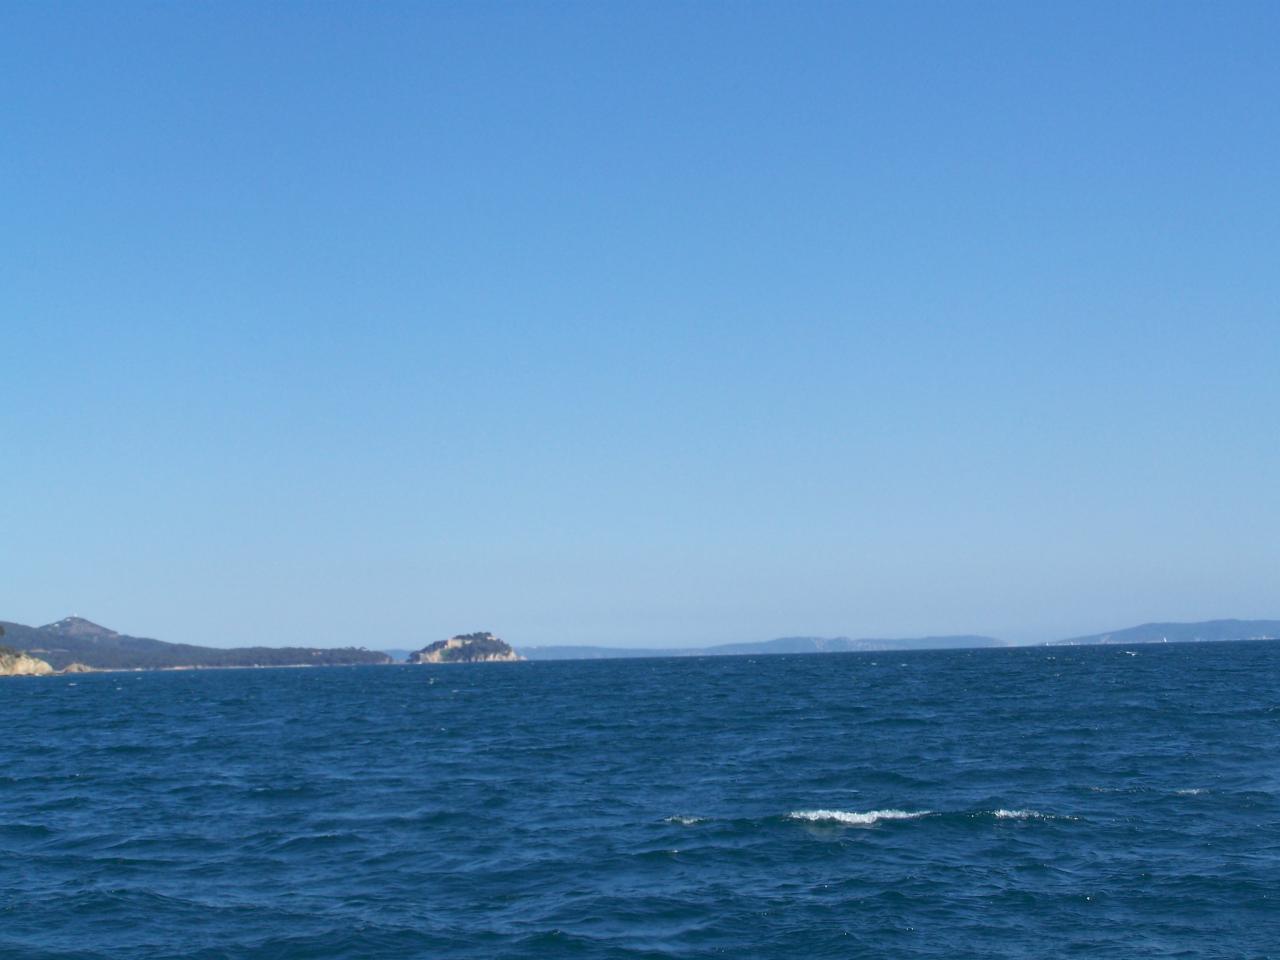 Le fort de BREGAN9ON - PORT CROS et l'Île du LEVANT au loin